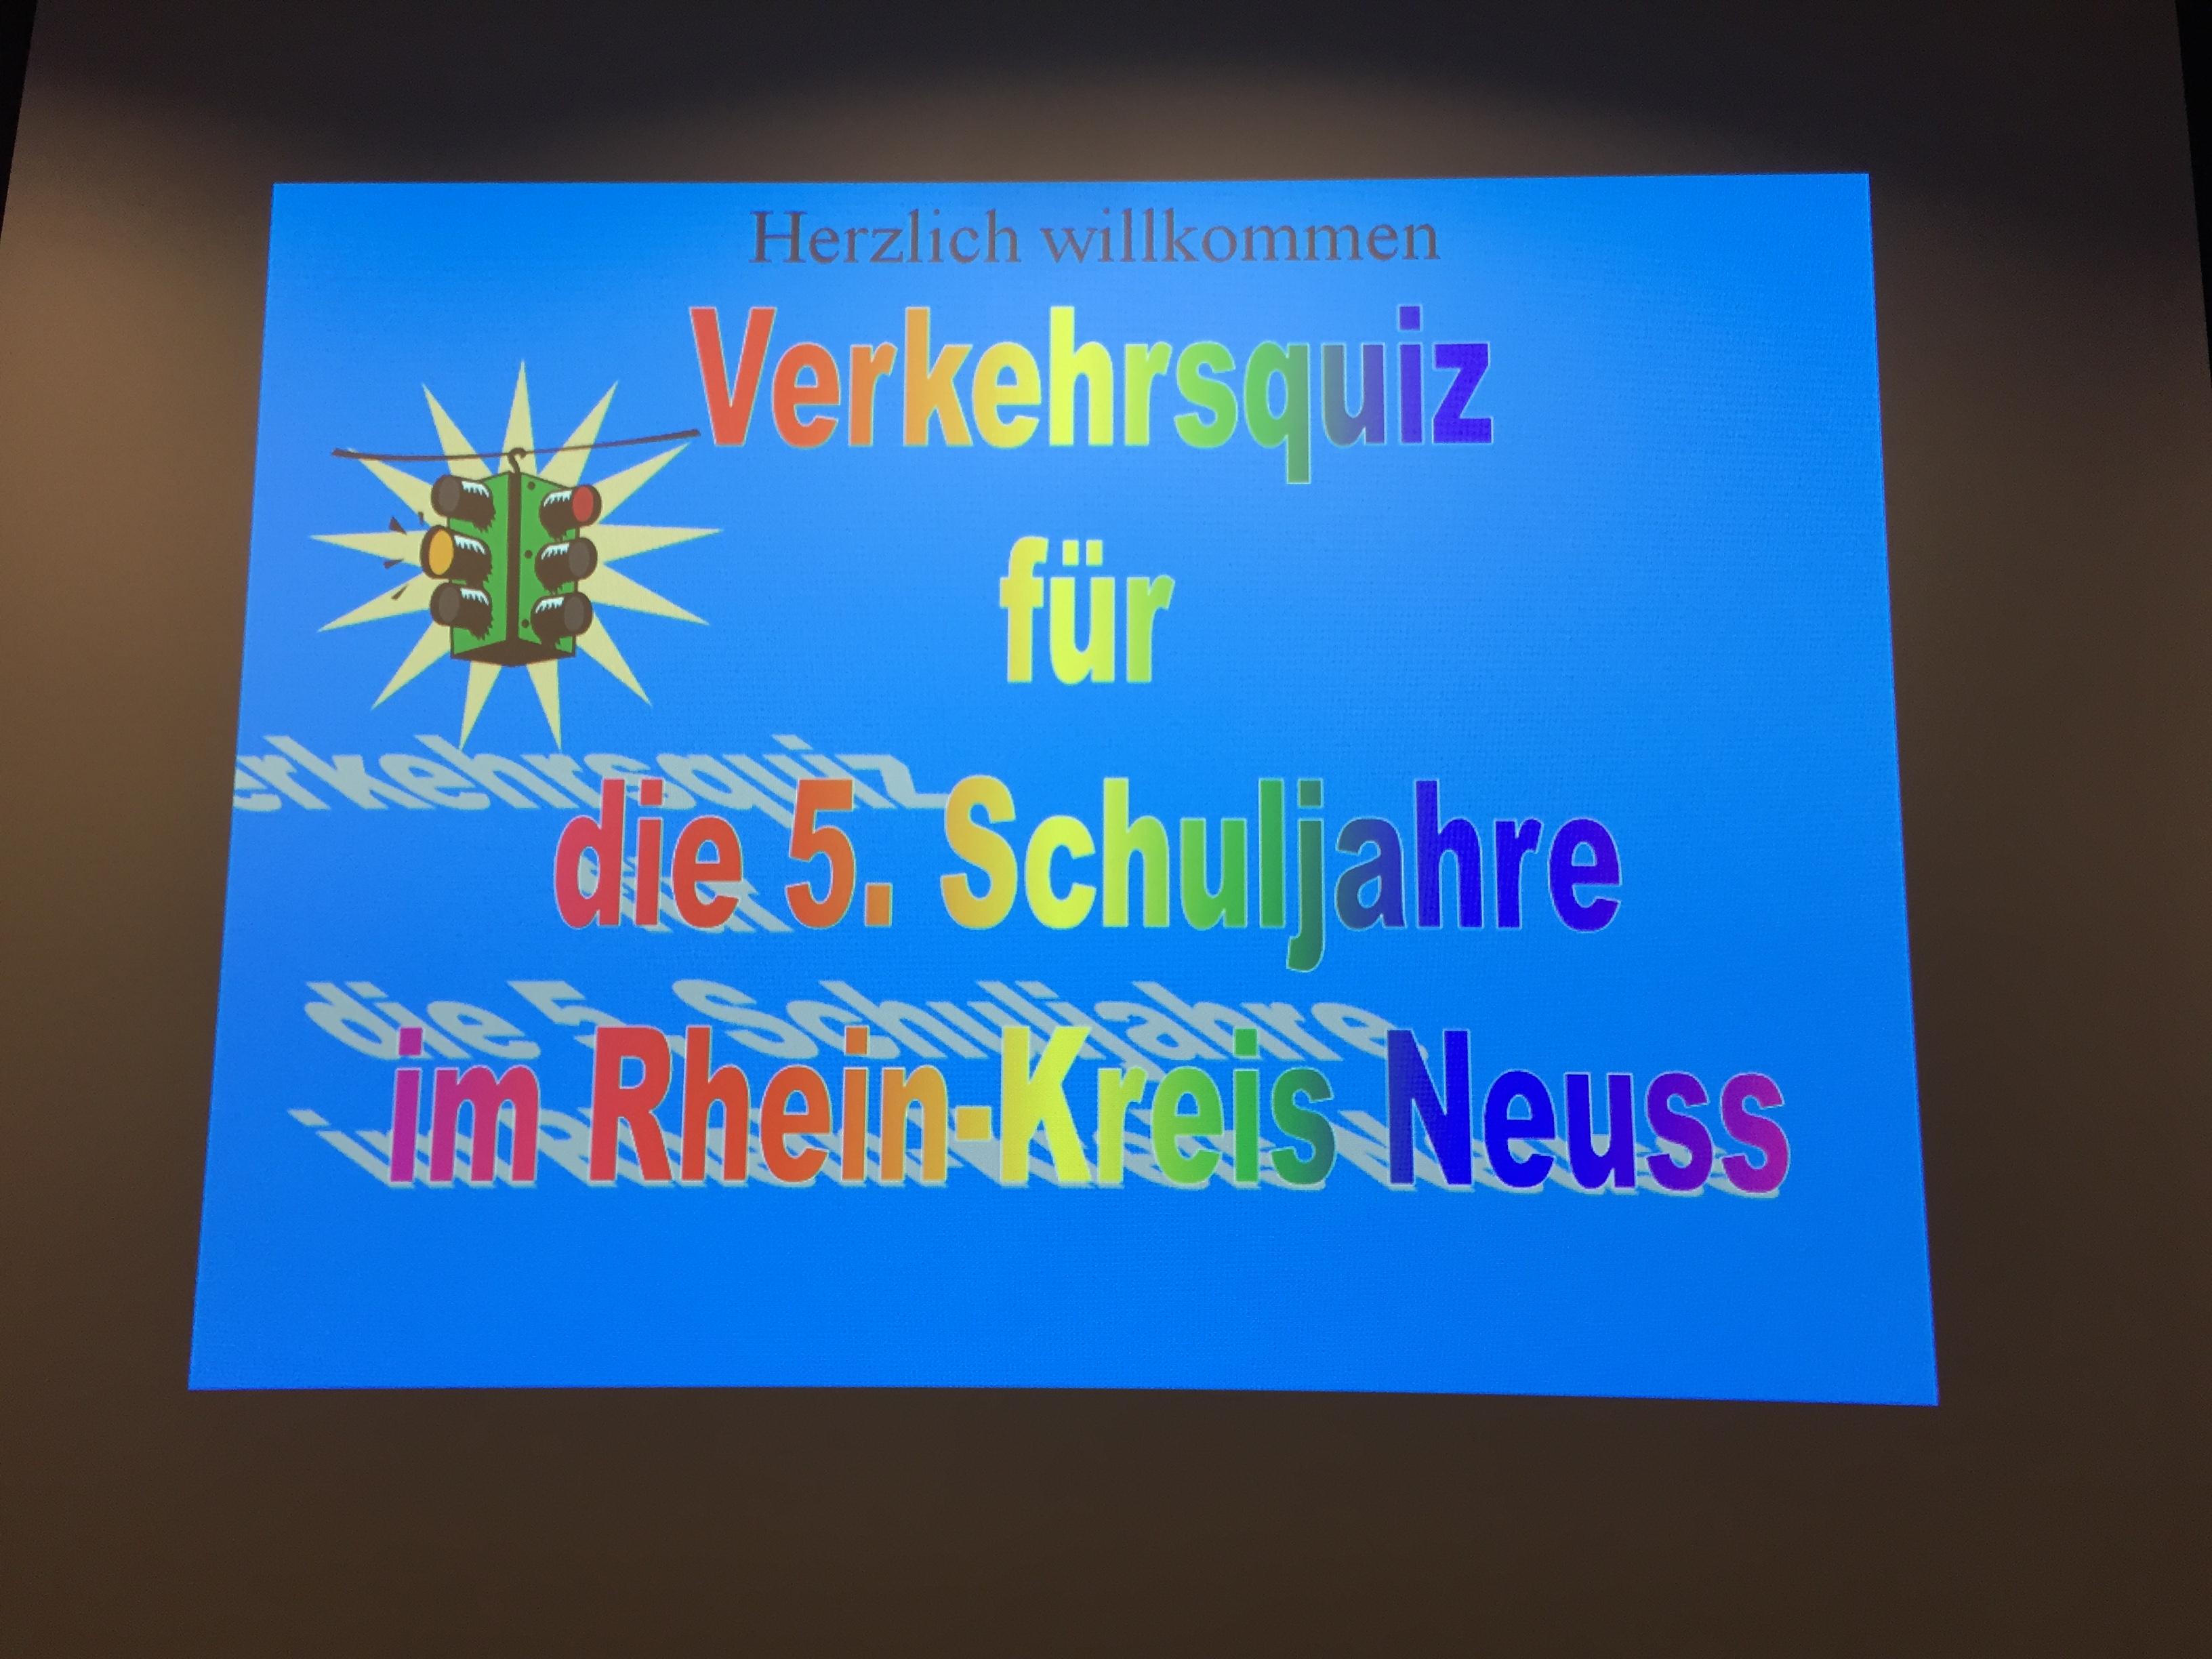 Verkehrsquiz für die 5. Schuljahre im Rhein-Kreis Neuss